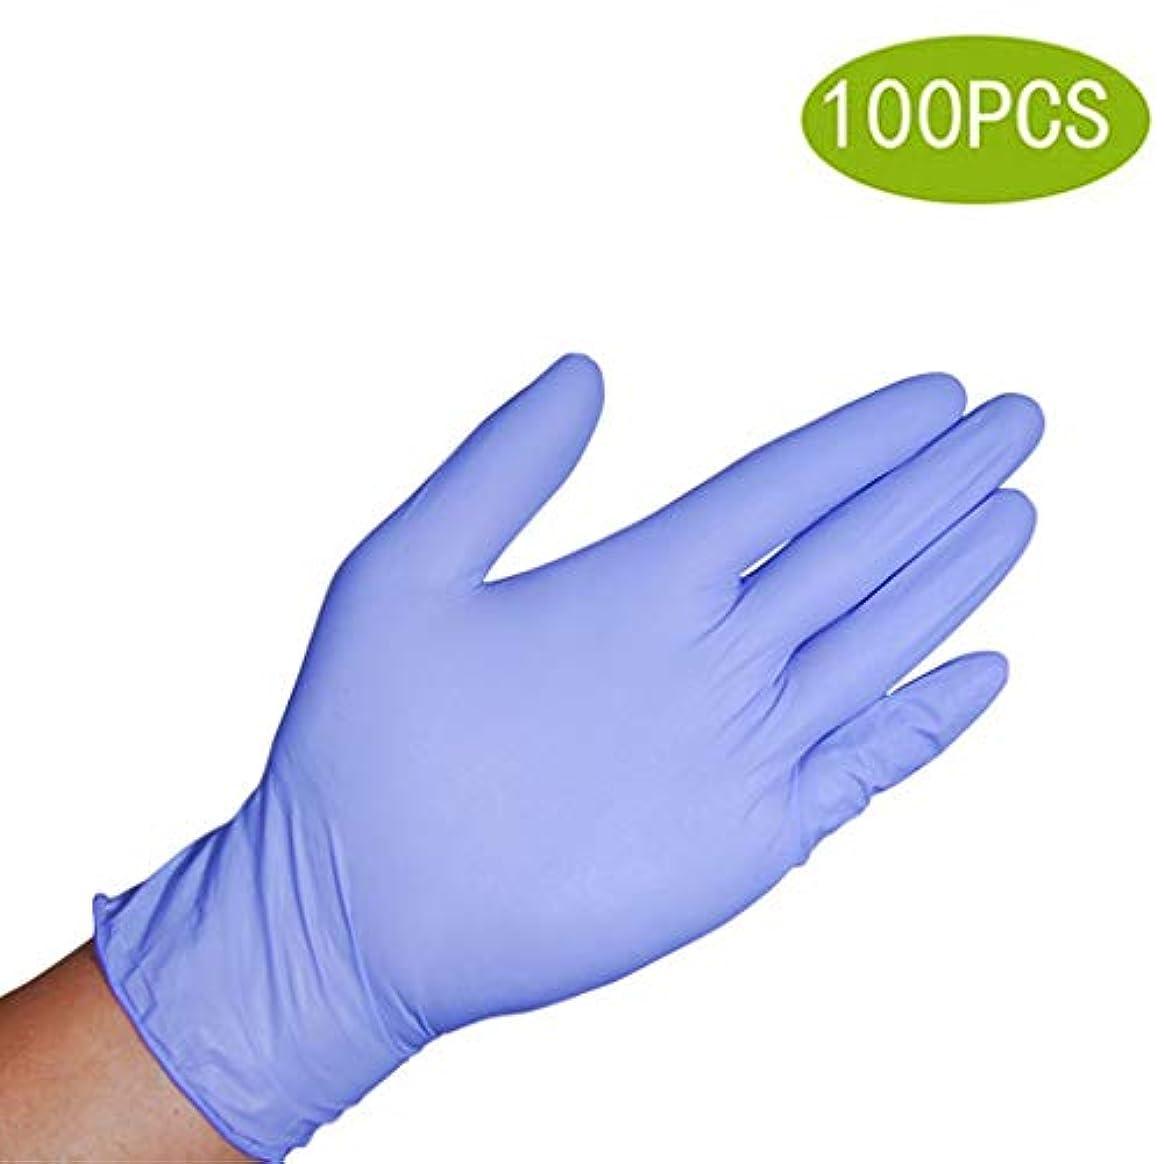 保守可能愛撫綺麗なラテックス手袋子供用手袋、4?10年間のニトリル手袋 - ラテックスフリー、食品グレード、パウダーフリー - クラフト、絵画、ガーデニング、調理、クリーニング用 - 100個入りパープル (Size : M)